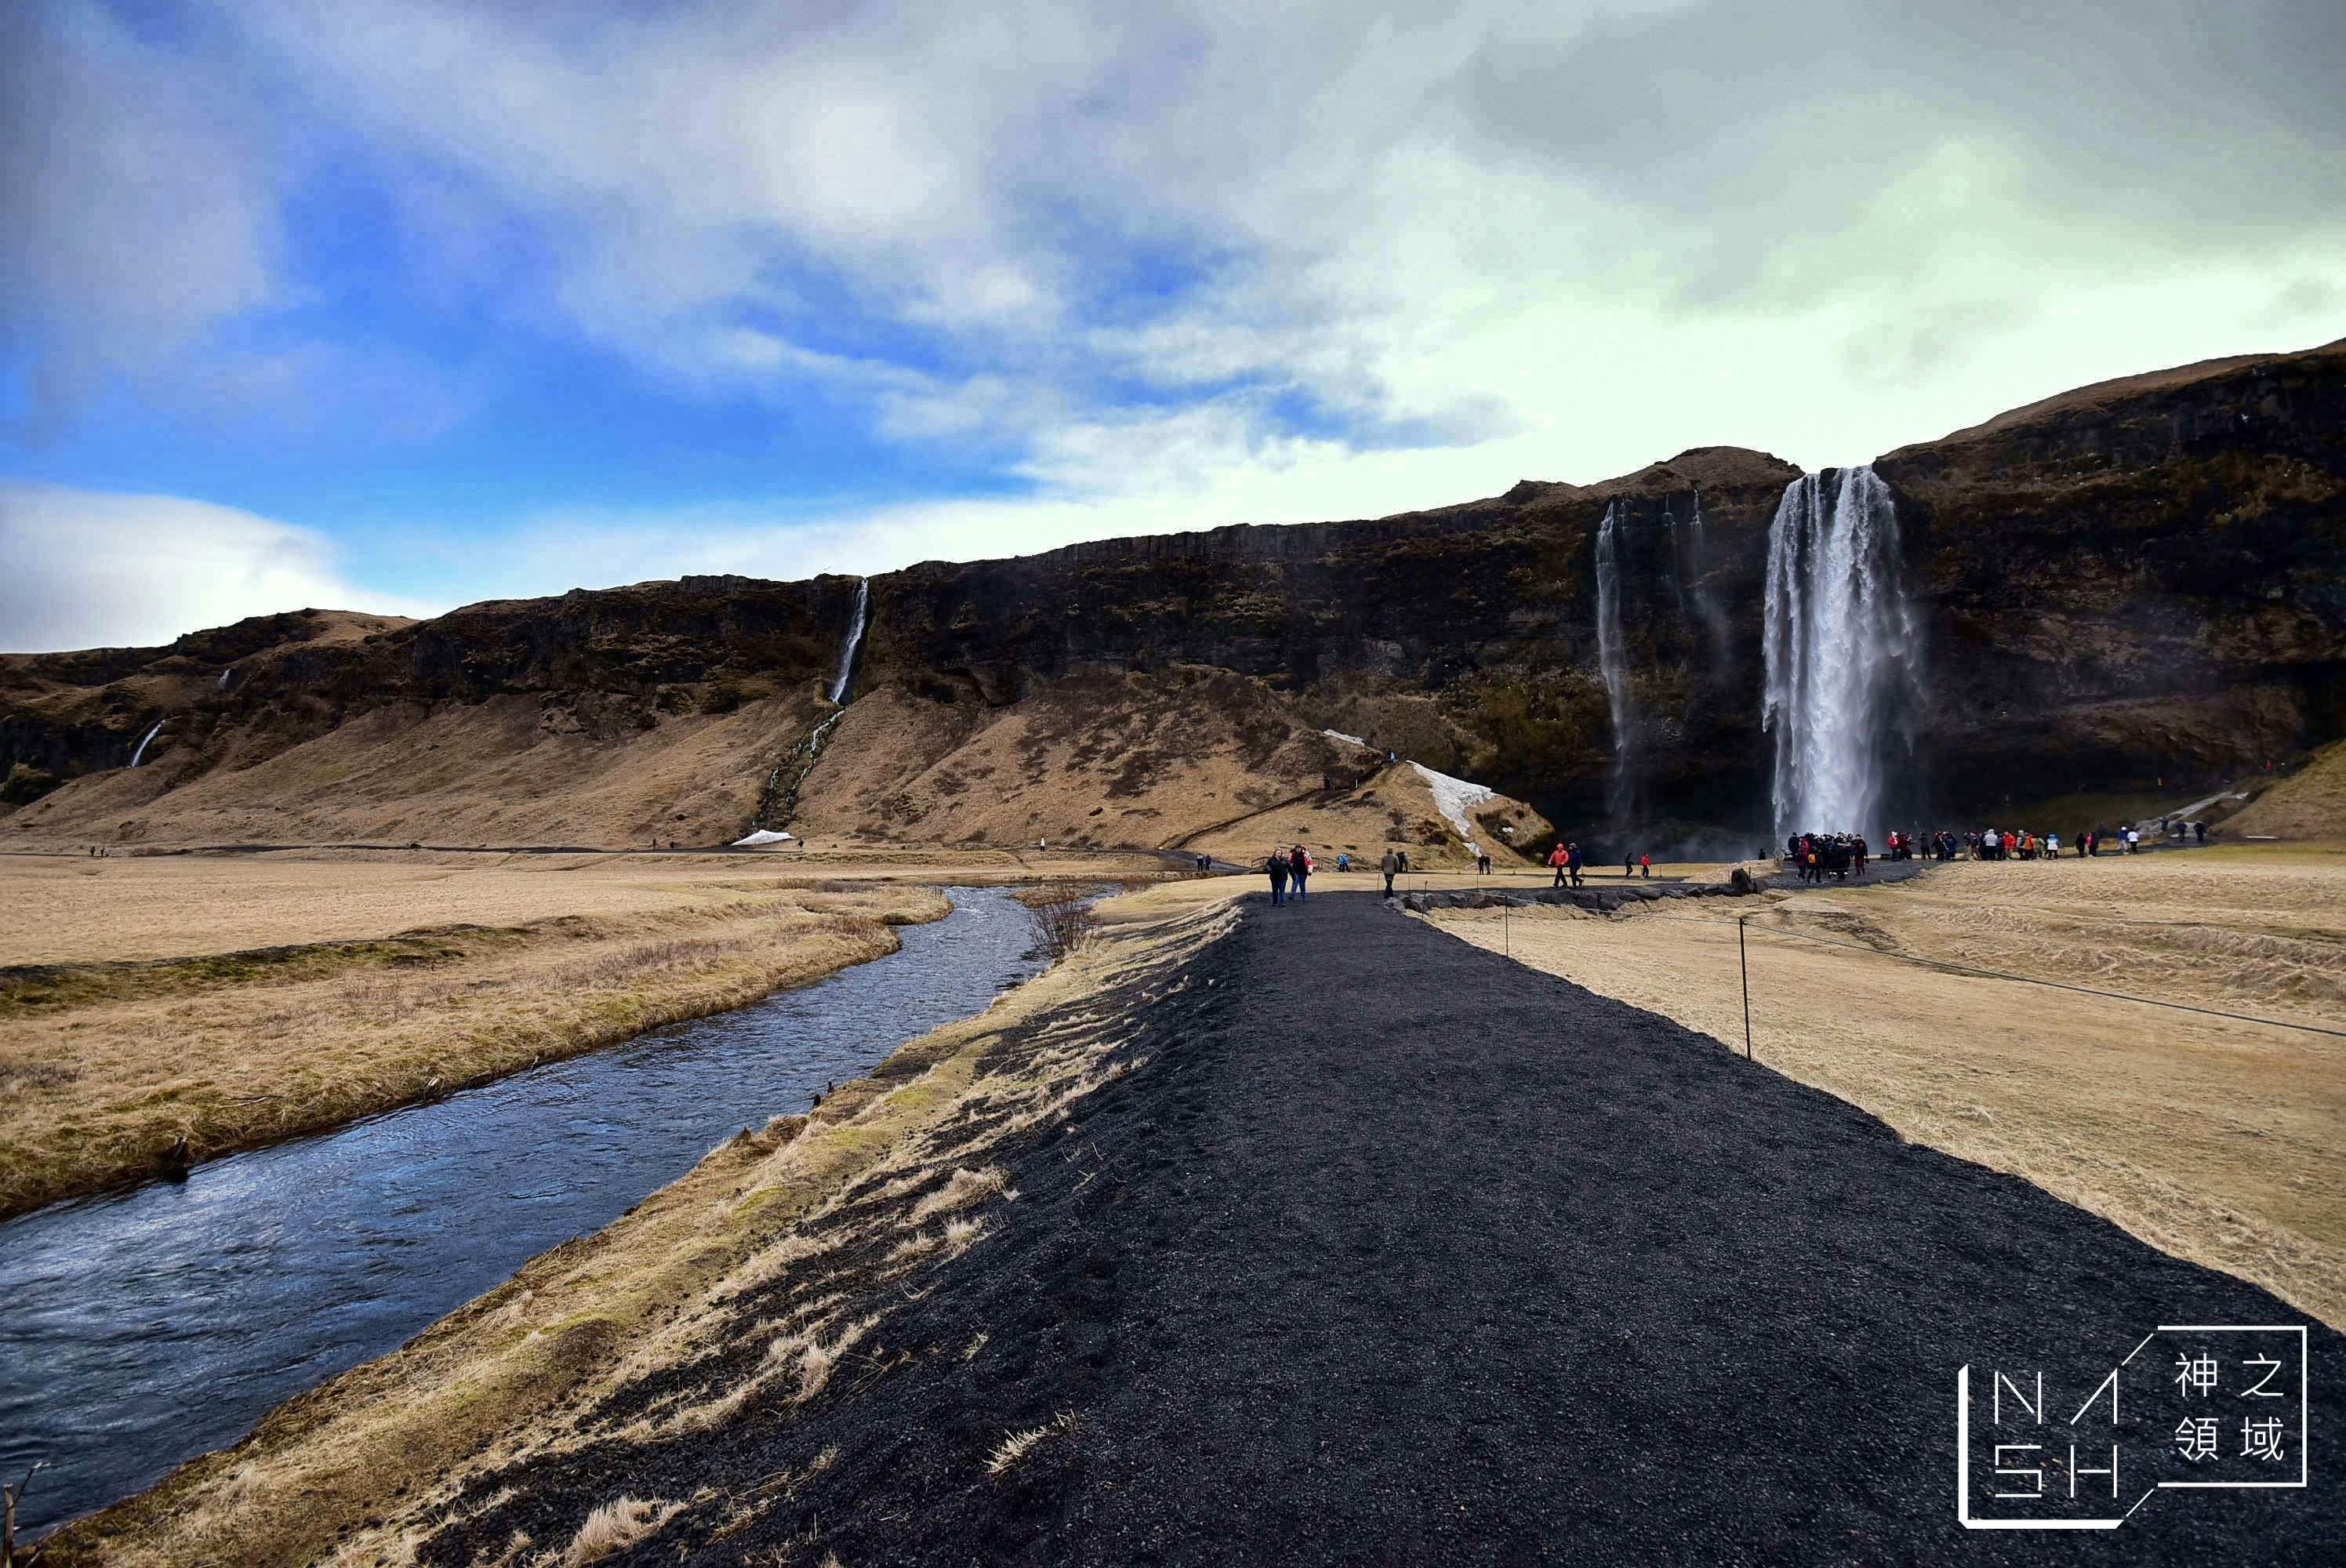 冰島自由行環島景點推薦,塞里雅蘭瀑布,Seljalandsfoss,冰島自助景點 @Nash,神之領域